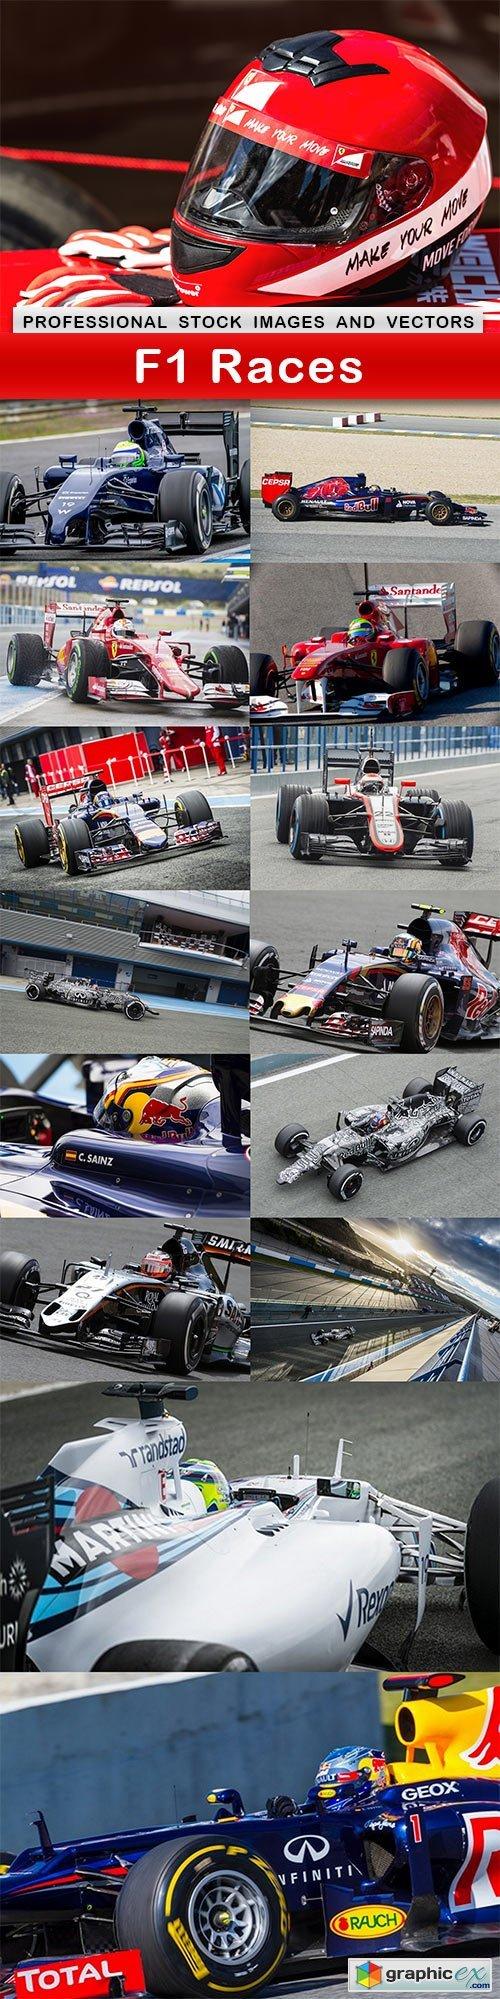 F1 Races - 15 UHQ JPEG